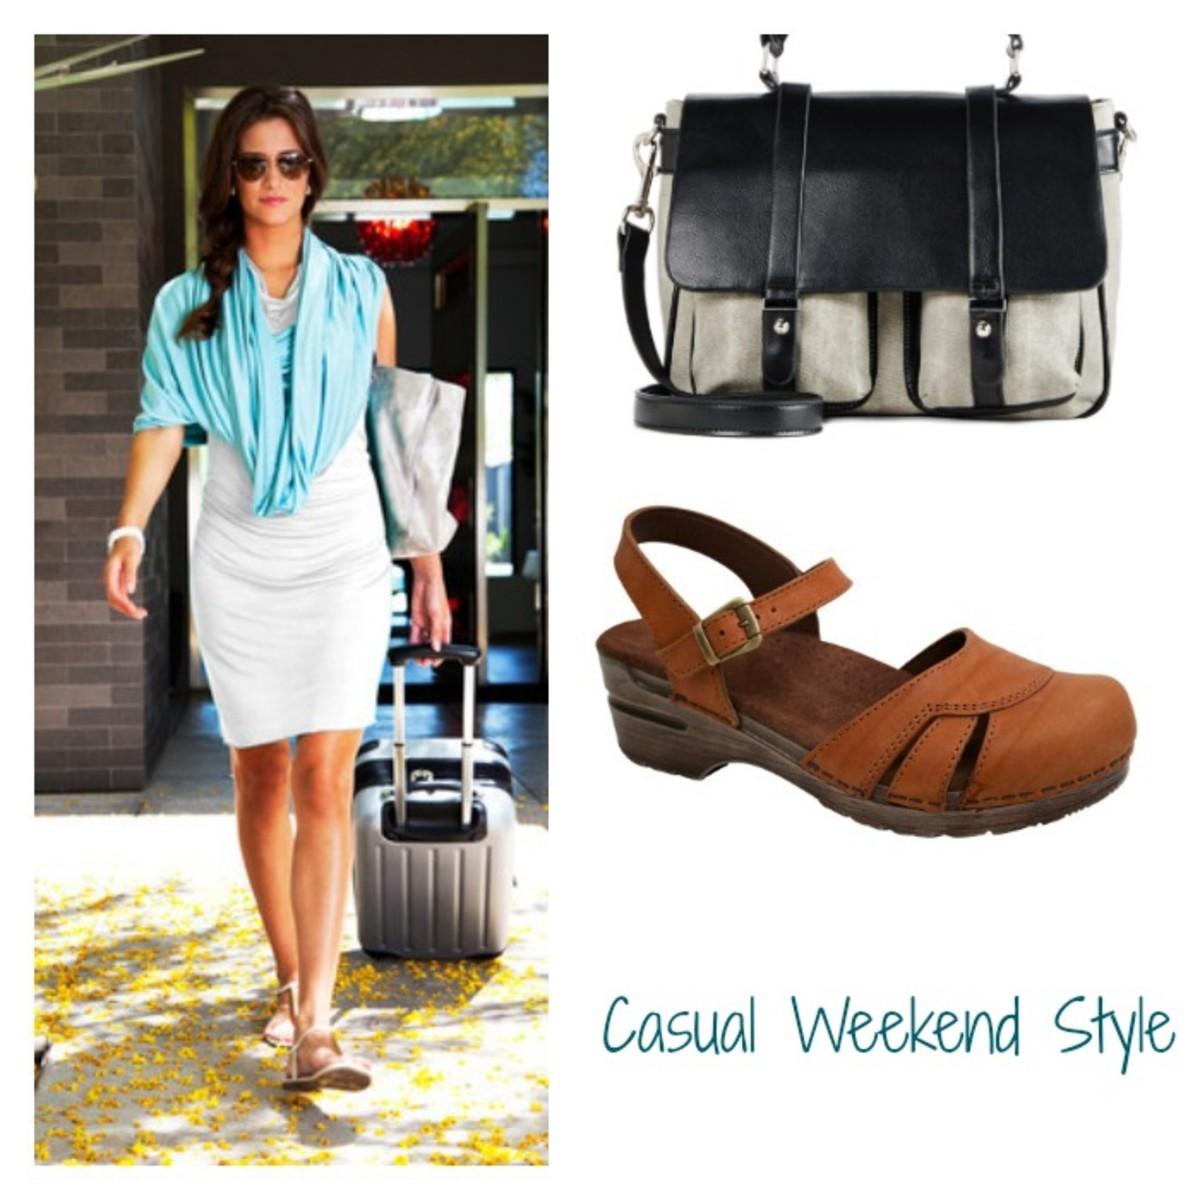 Casual Weekend Style.jpg.jpg